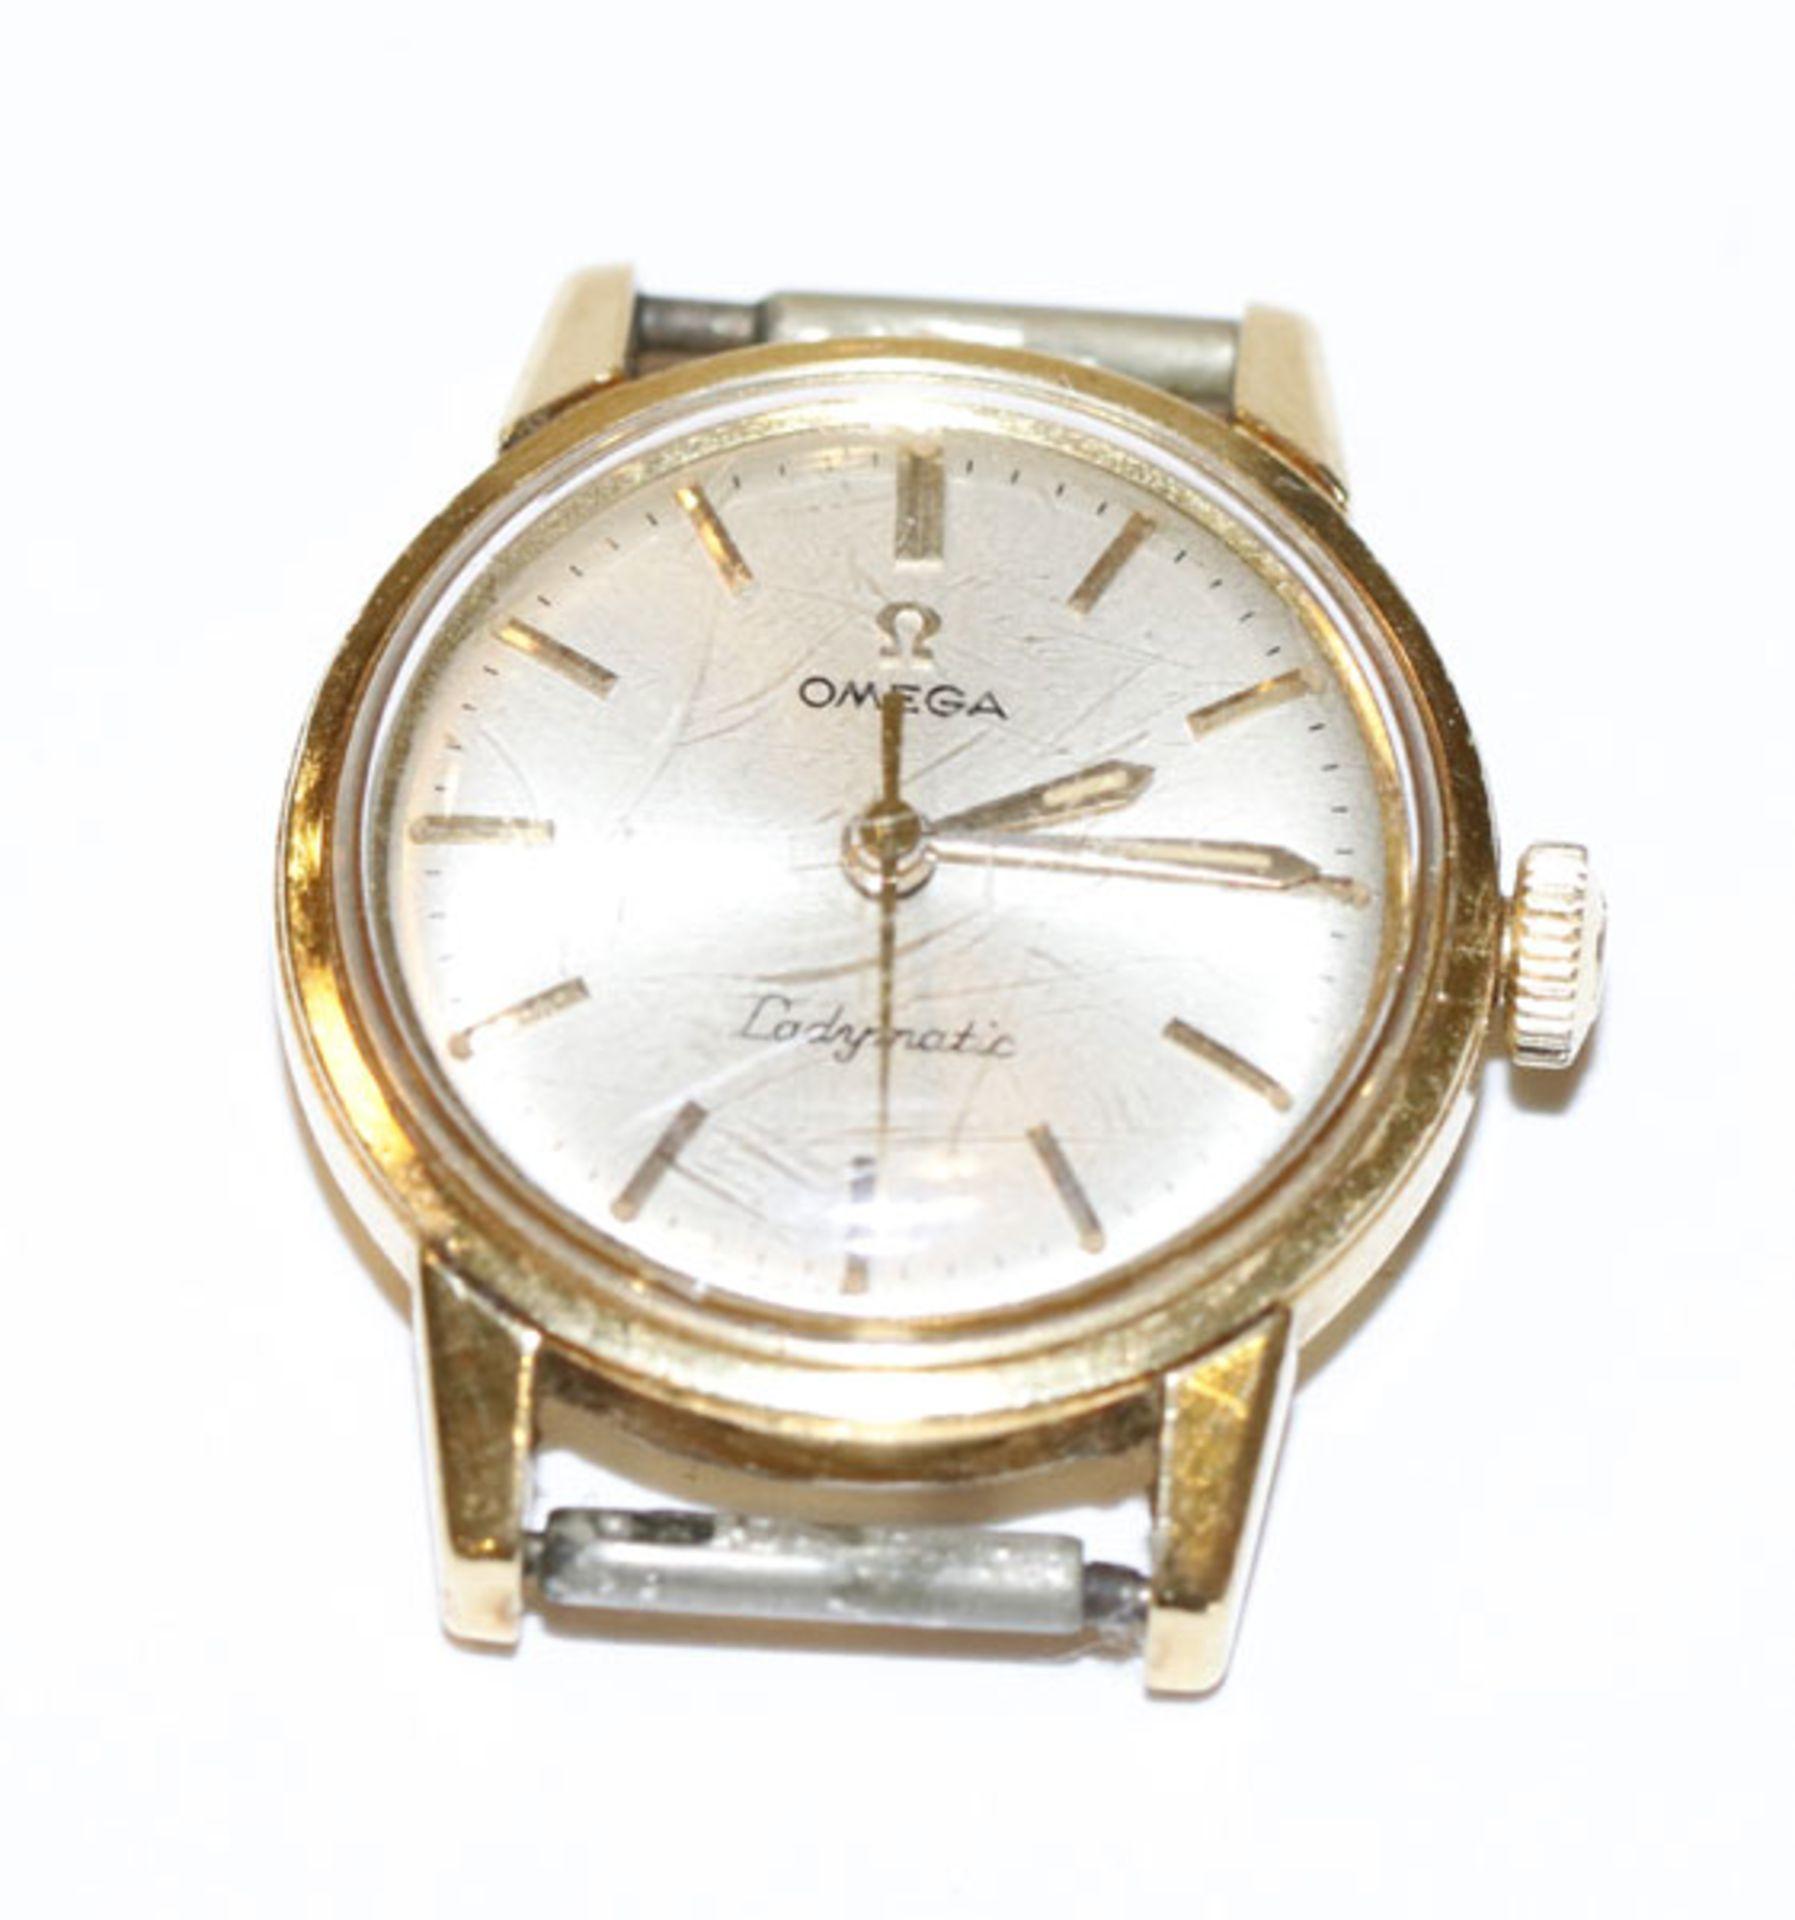 Omega Ladymatik Damen Armbanduhr, 18 k Gehäuse, 14,3 gr., Funktion nicht geprüft, Tragespuren,